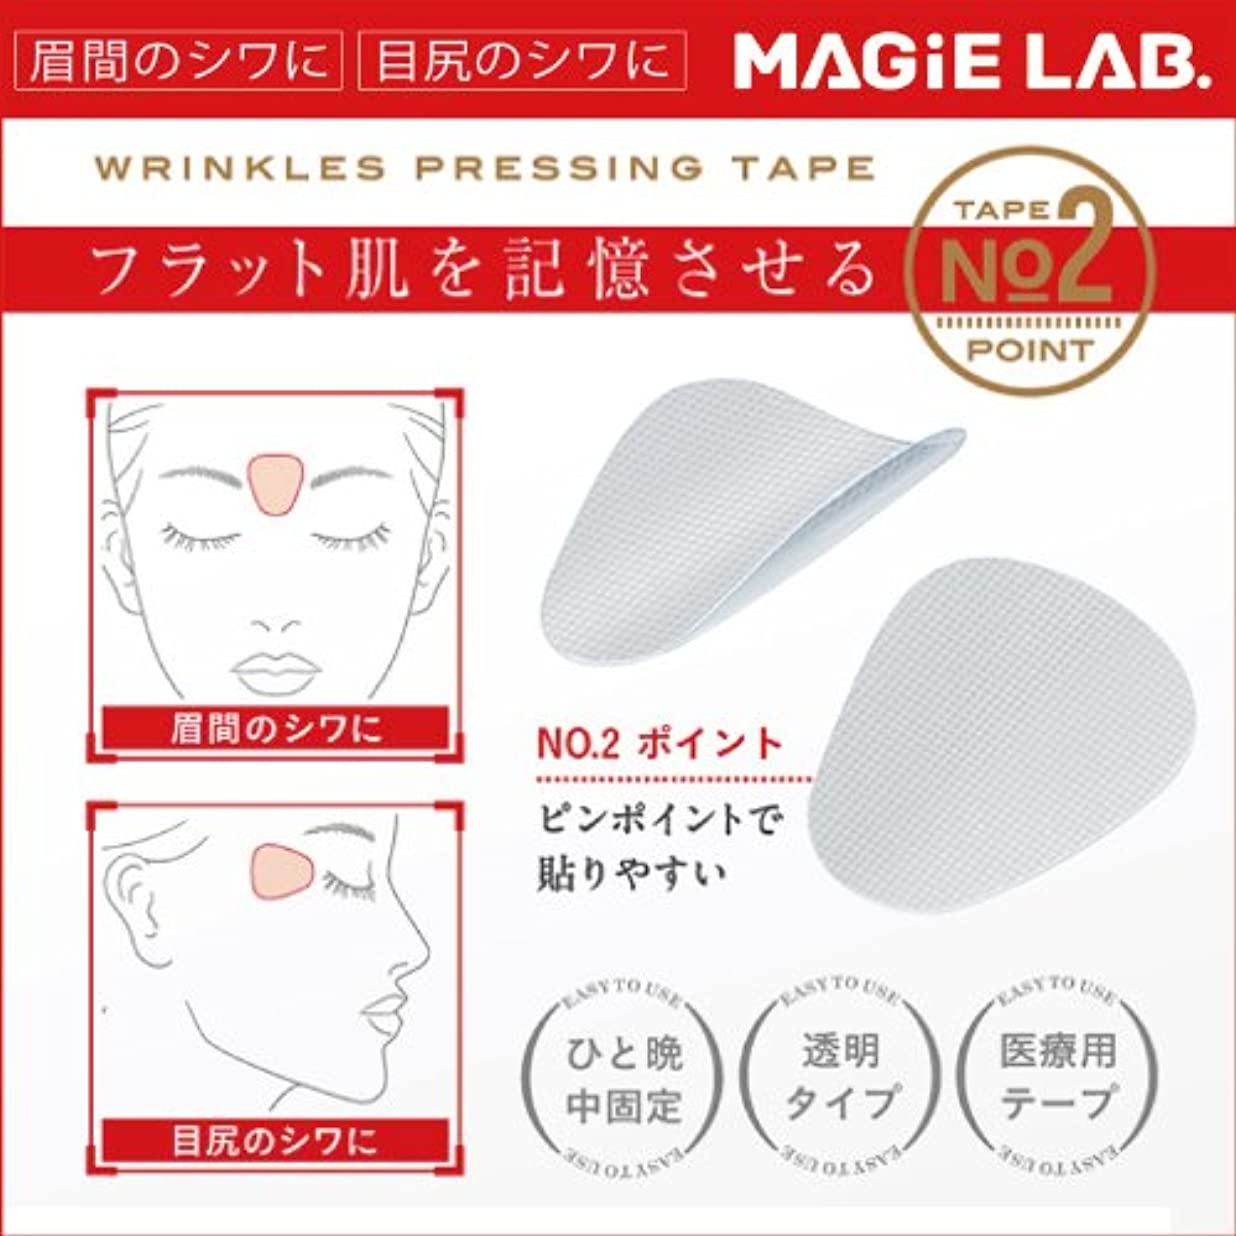 ラジウム用心する酸化するMAGiE LAB.(マジラボ) 一点集中カバー お休み中のしわ伸ばしテープ No.2.ポイントタイプ MG22116